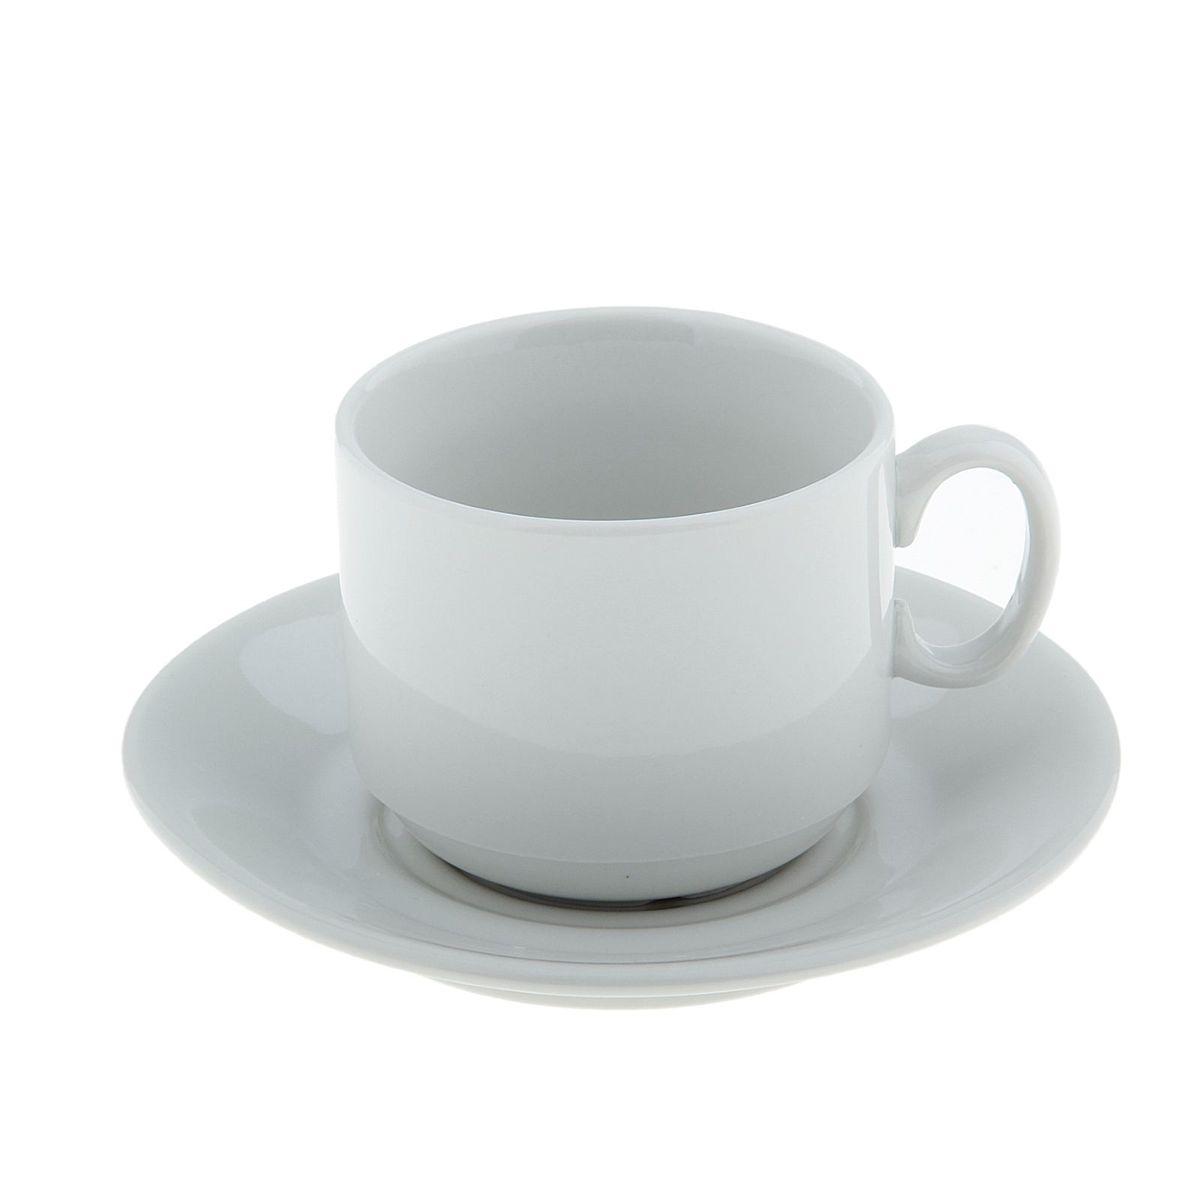 Чайная пара Экспресс. Белье, 2 предмета чайная пара экспресс белье 2 предмета